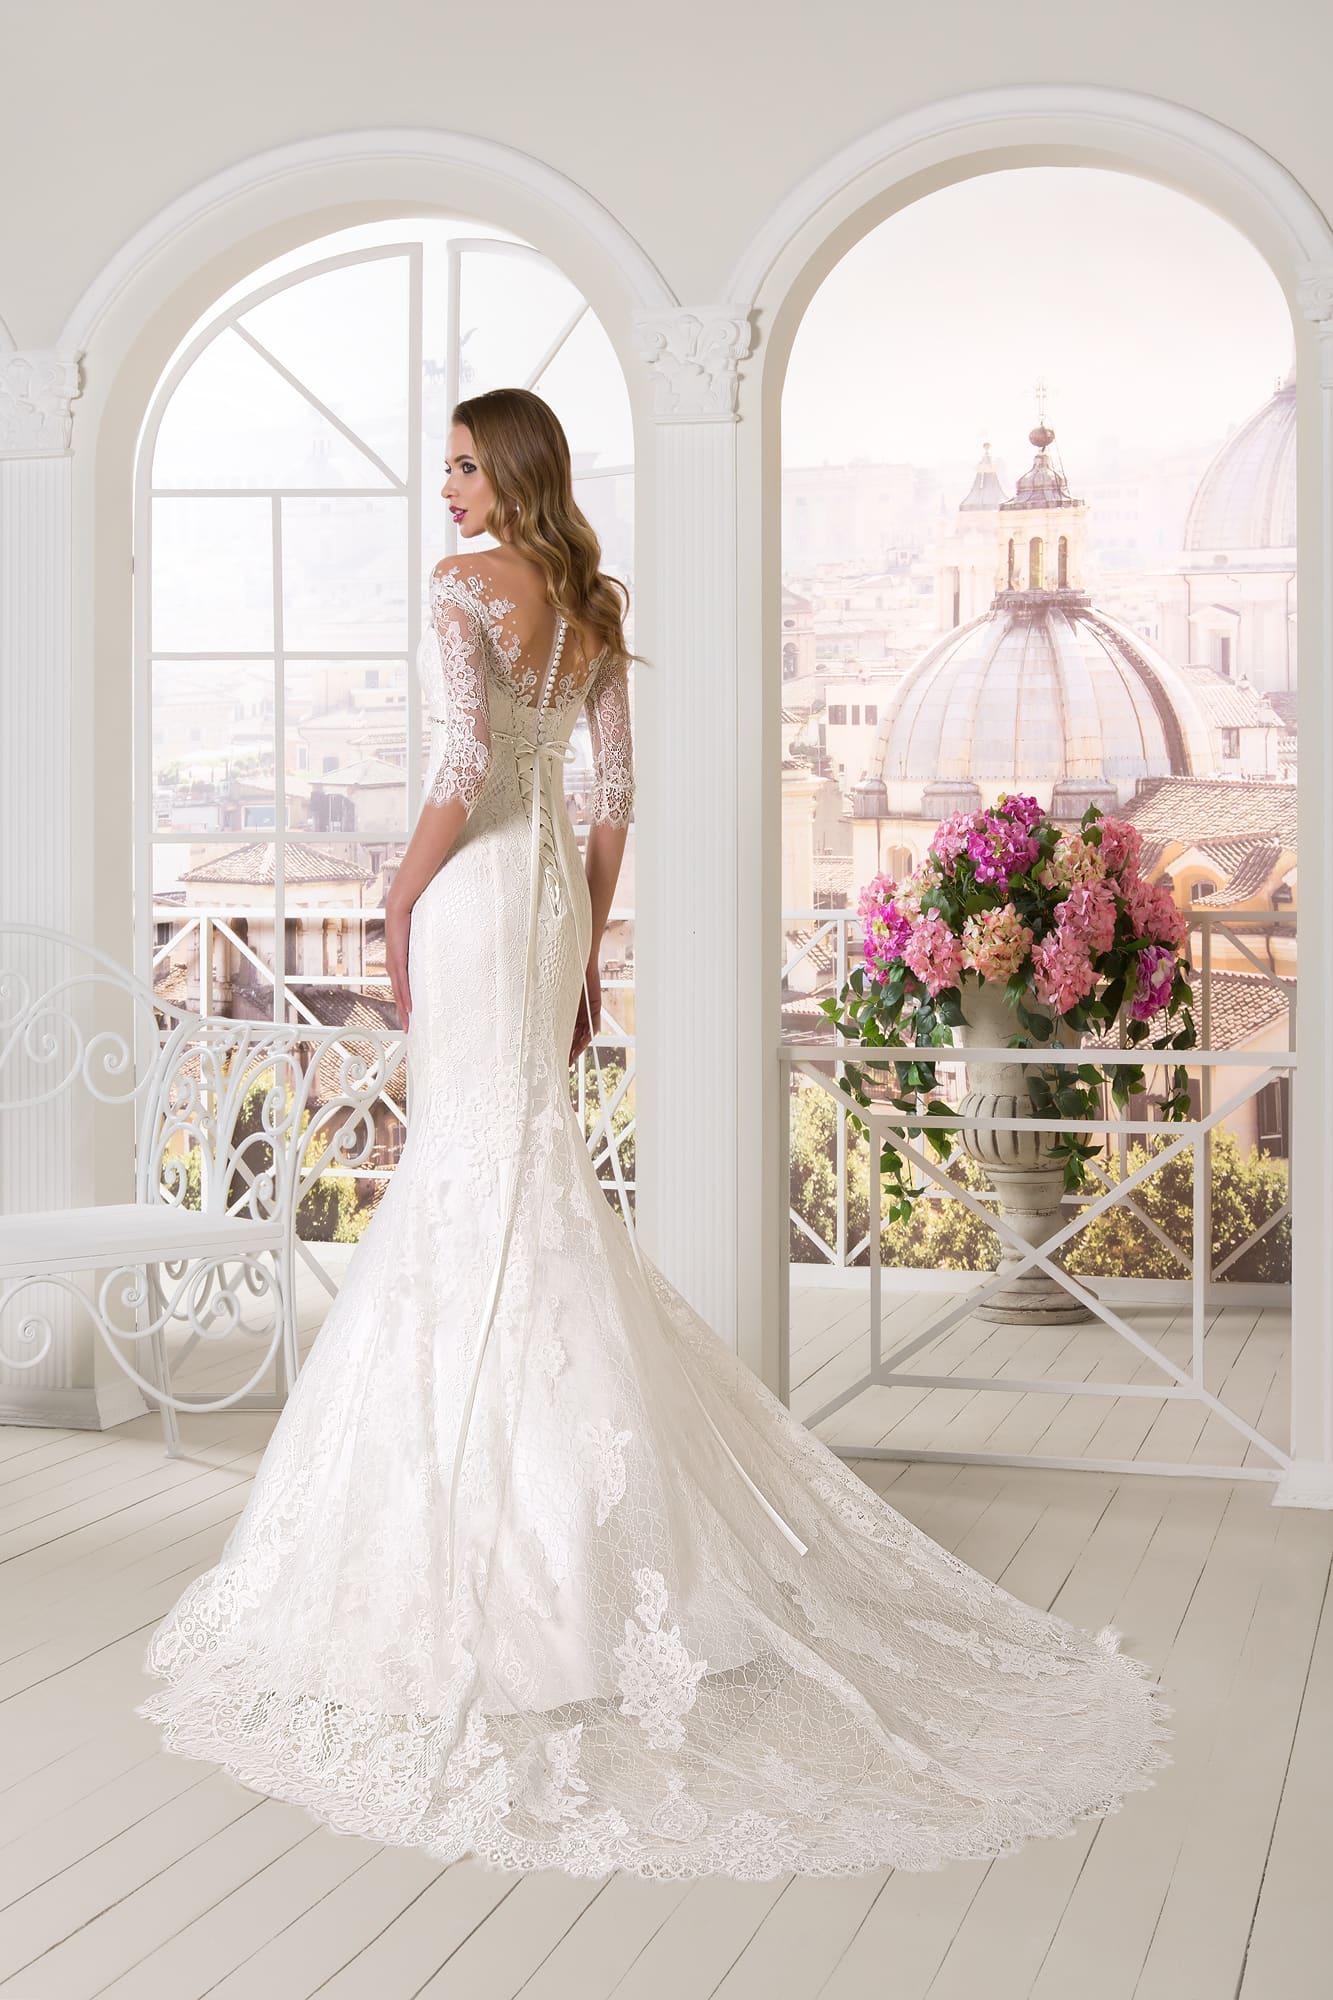 Кружевное свадебное платье с V-образным декольте, узким поясом и юбкой «рыбка».